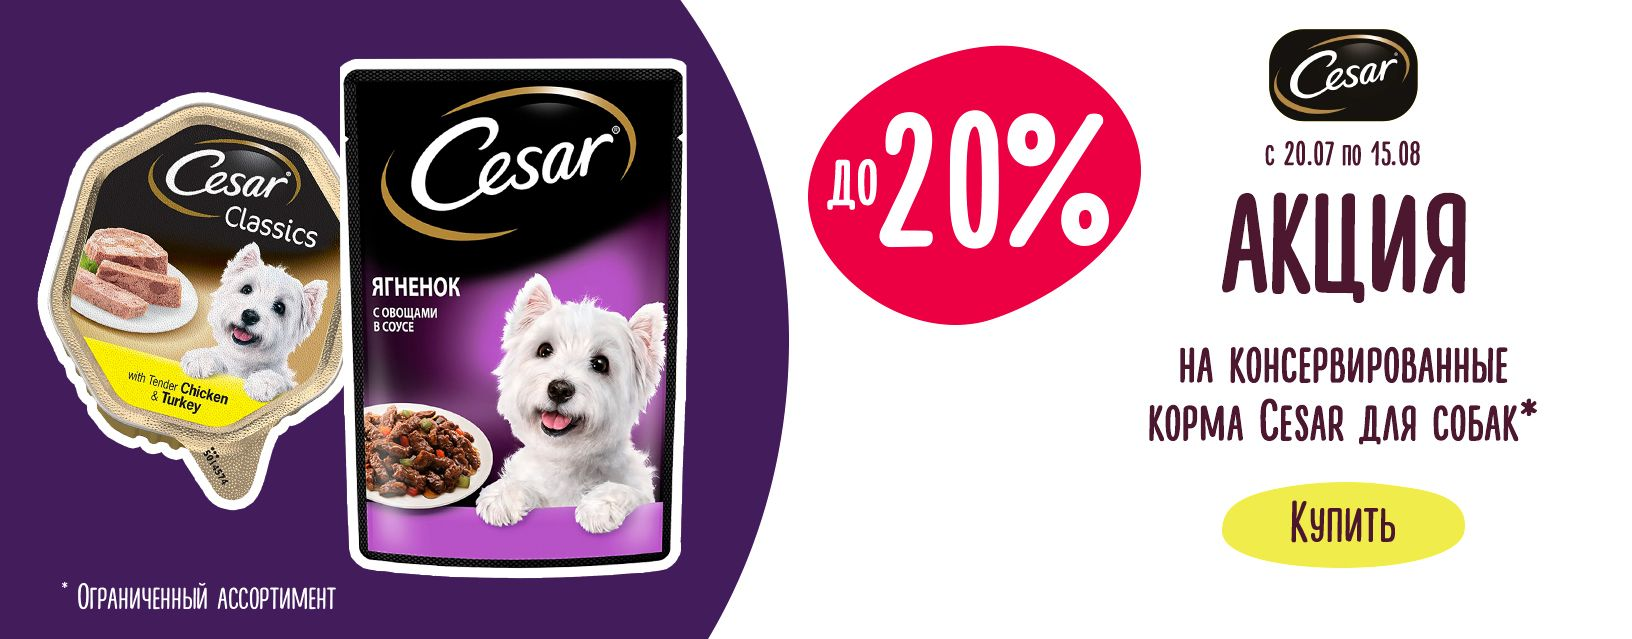 Скидки  до 20% на консервированные корма Cesar для собак